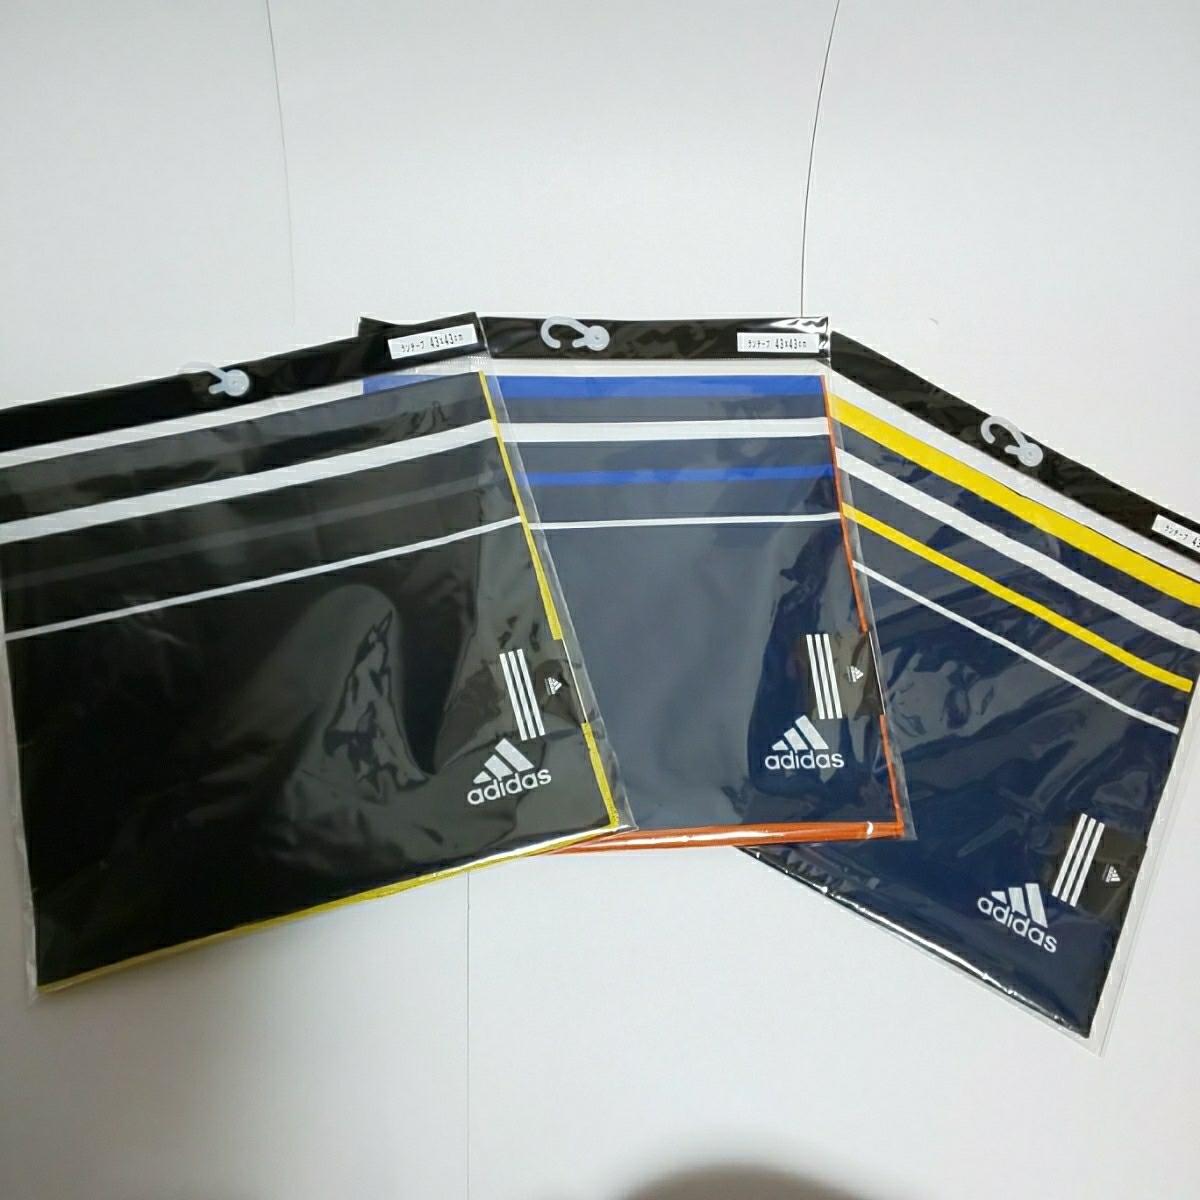 新品 adidas ランチーフ 3枚セット アディダス ランチクロス 給食ナフキンに